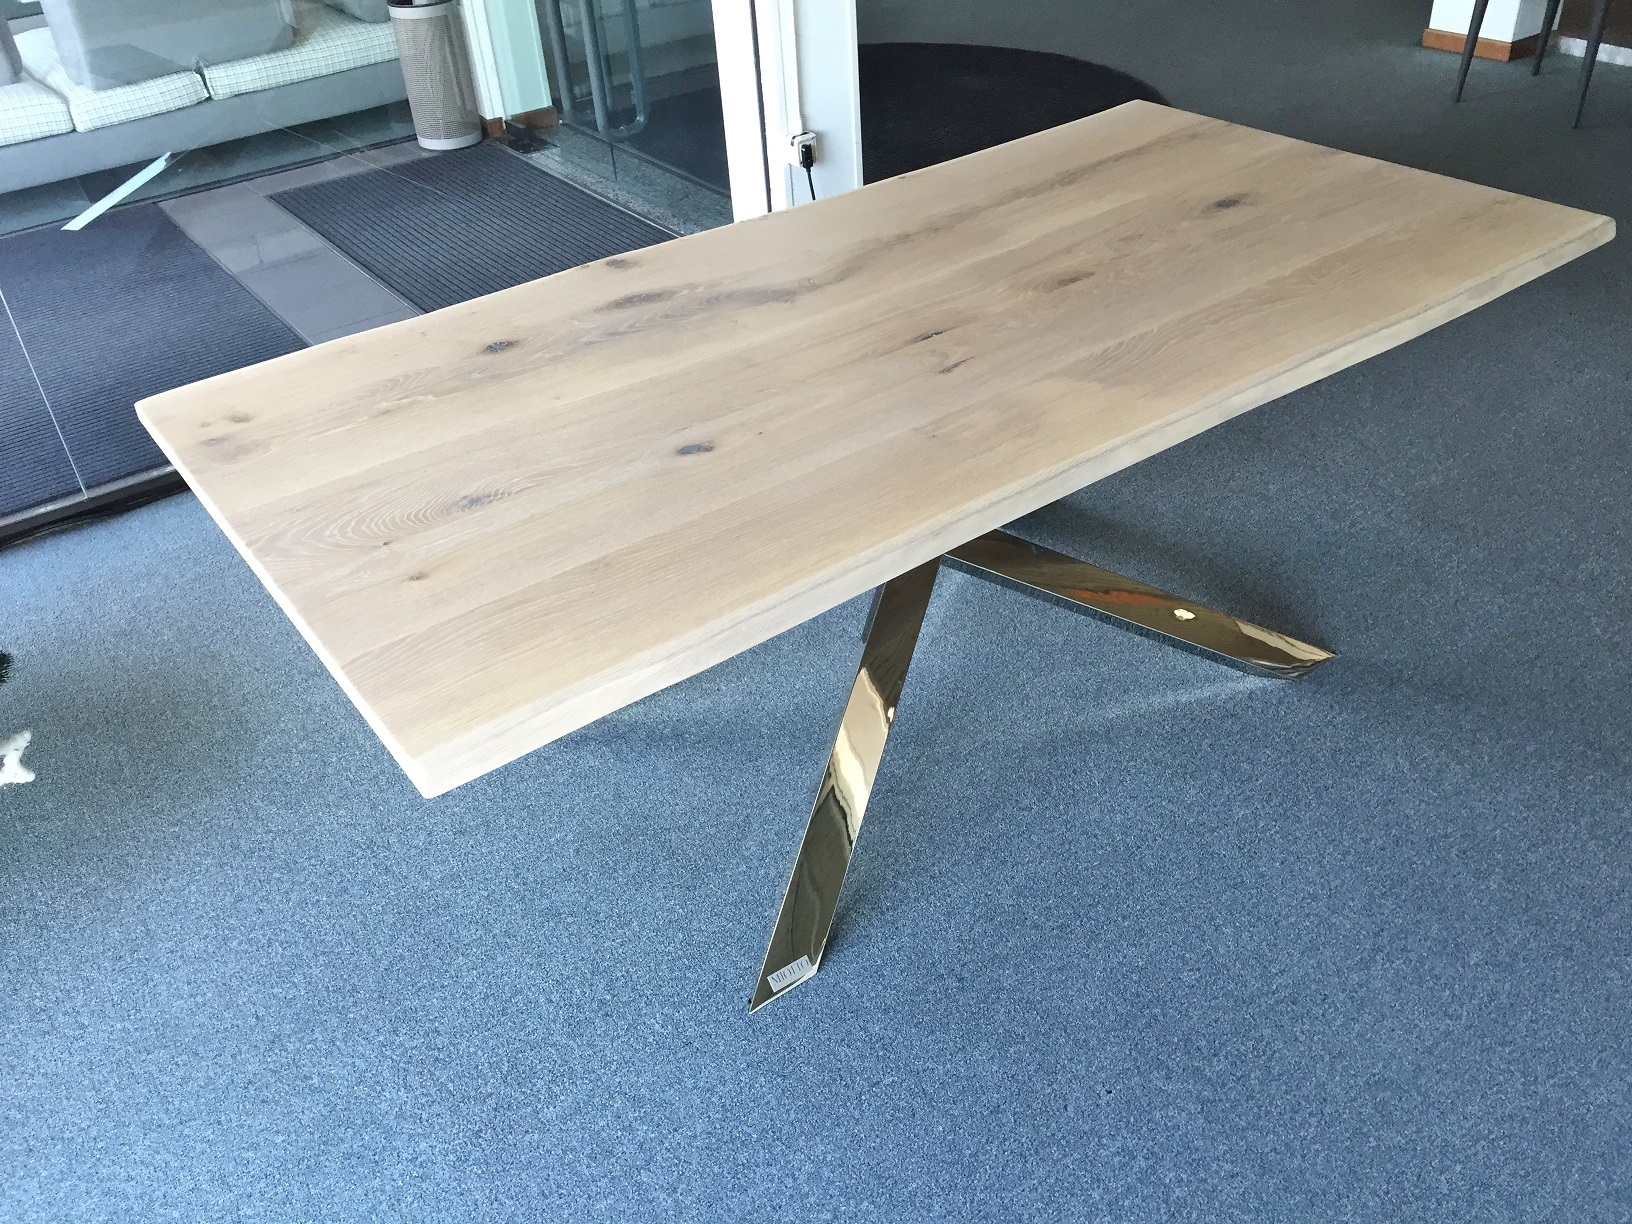 Tavolo principe di miotto design tavoli a prezzi scontati for Tavoli di design outlet